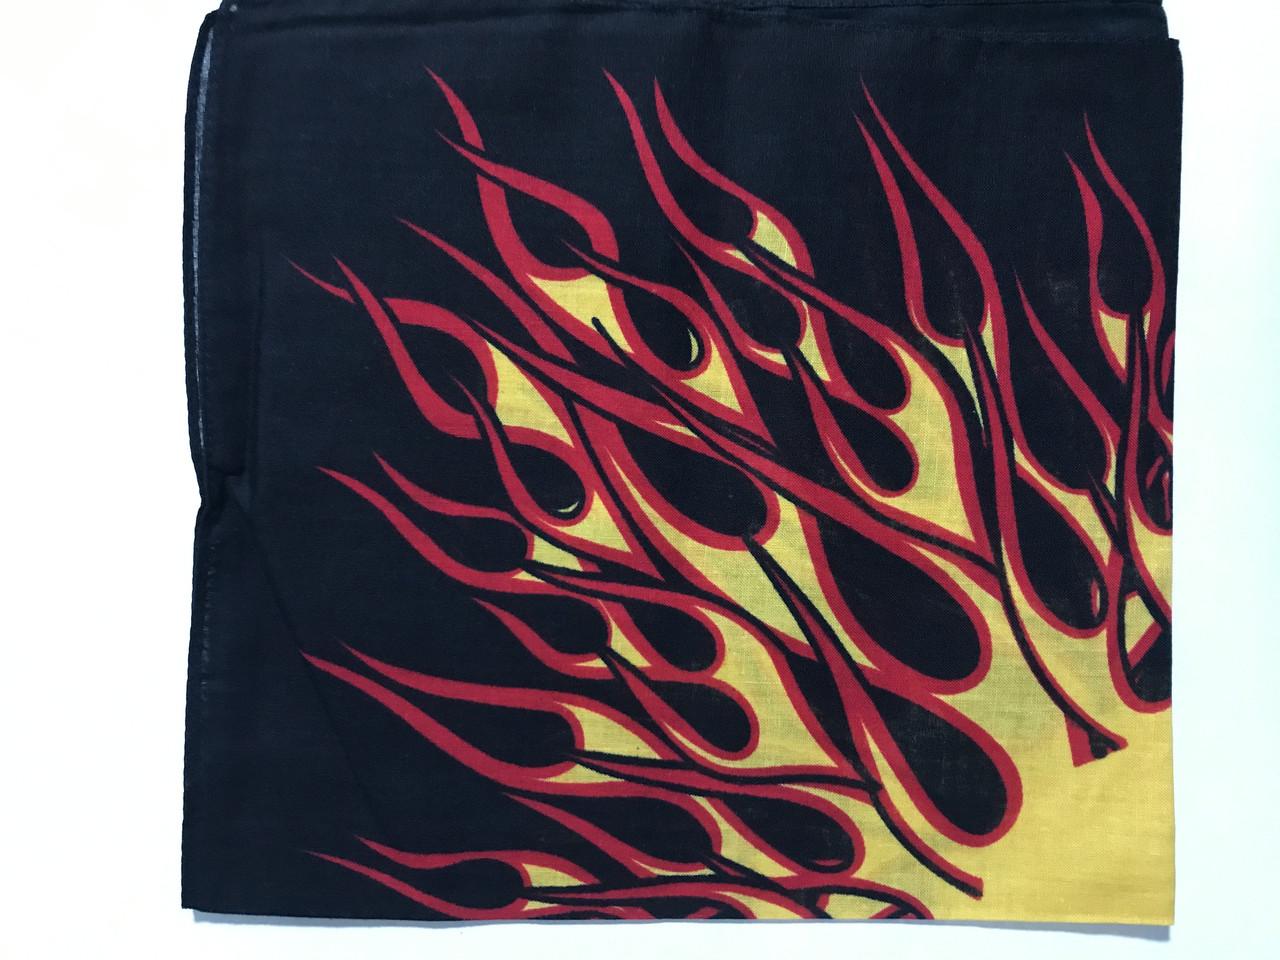 Хлопковая бандана (платок) рисунок пламя цвет красный